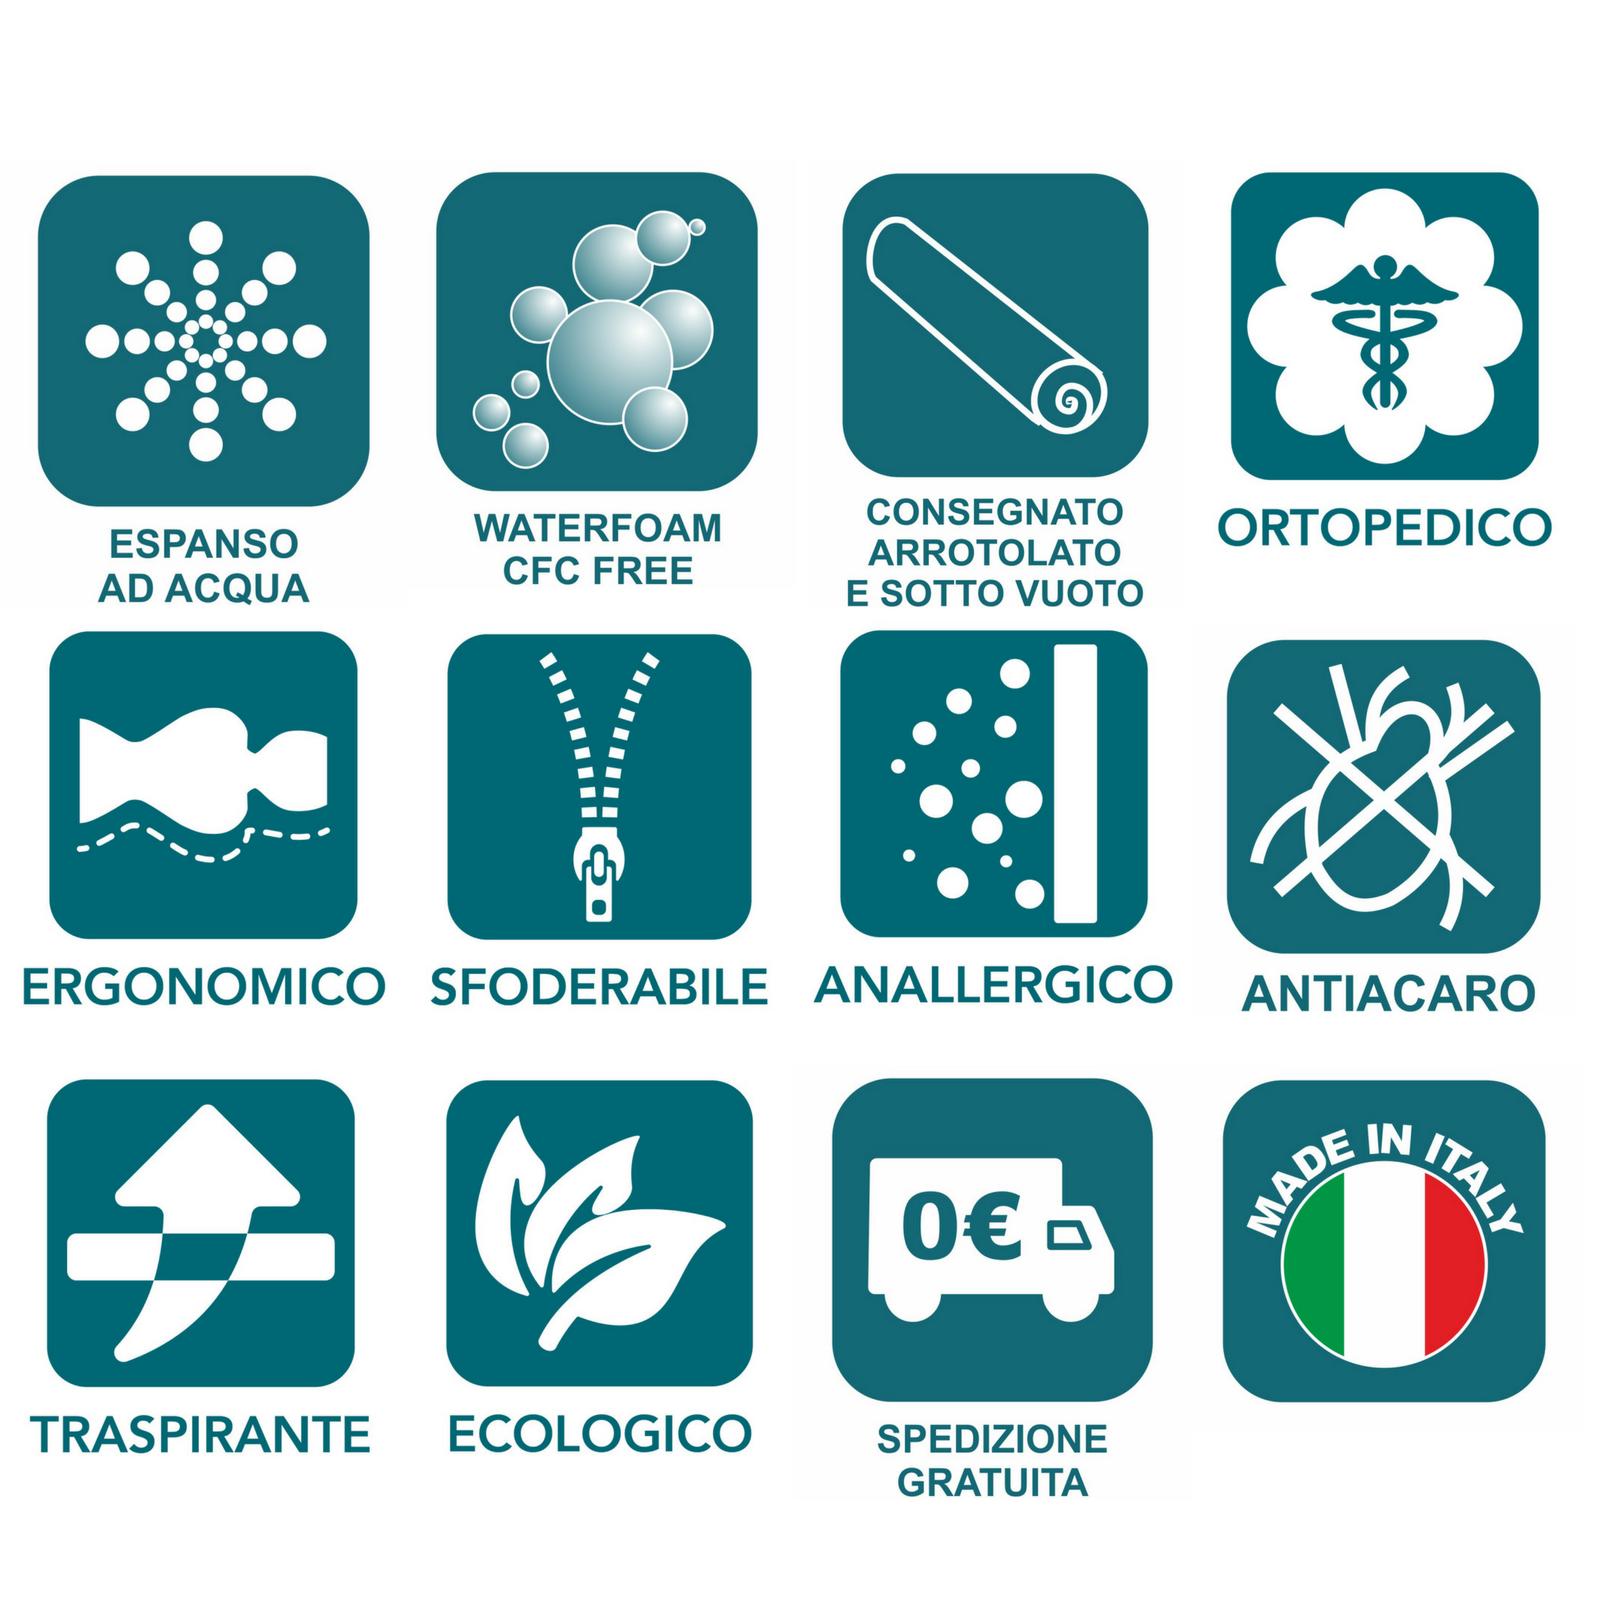 MATERASSO SINGOLO 80X185 ALTO ALTO ALTO 18 IN WATERFOAM ECOLOGICO SFODERABILE ORTOPEDICO | Exquis Art  5ff4a4